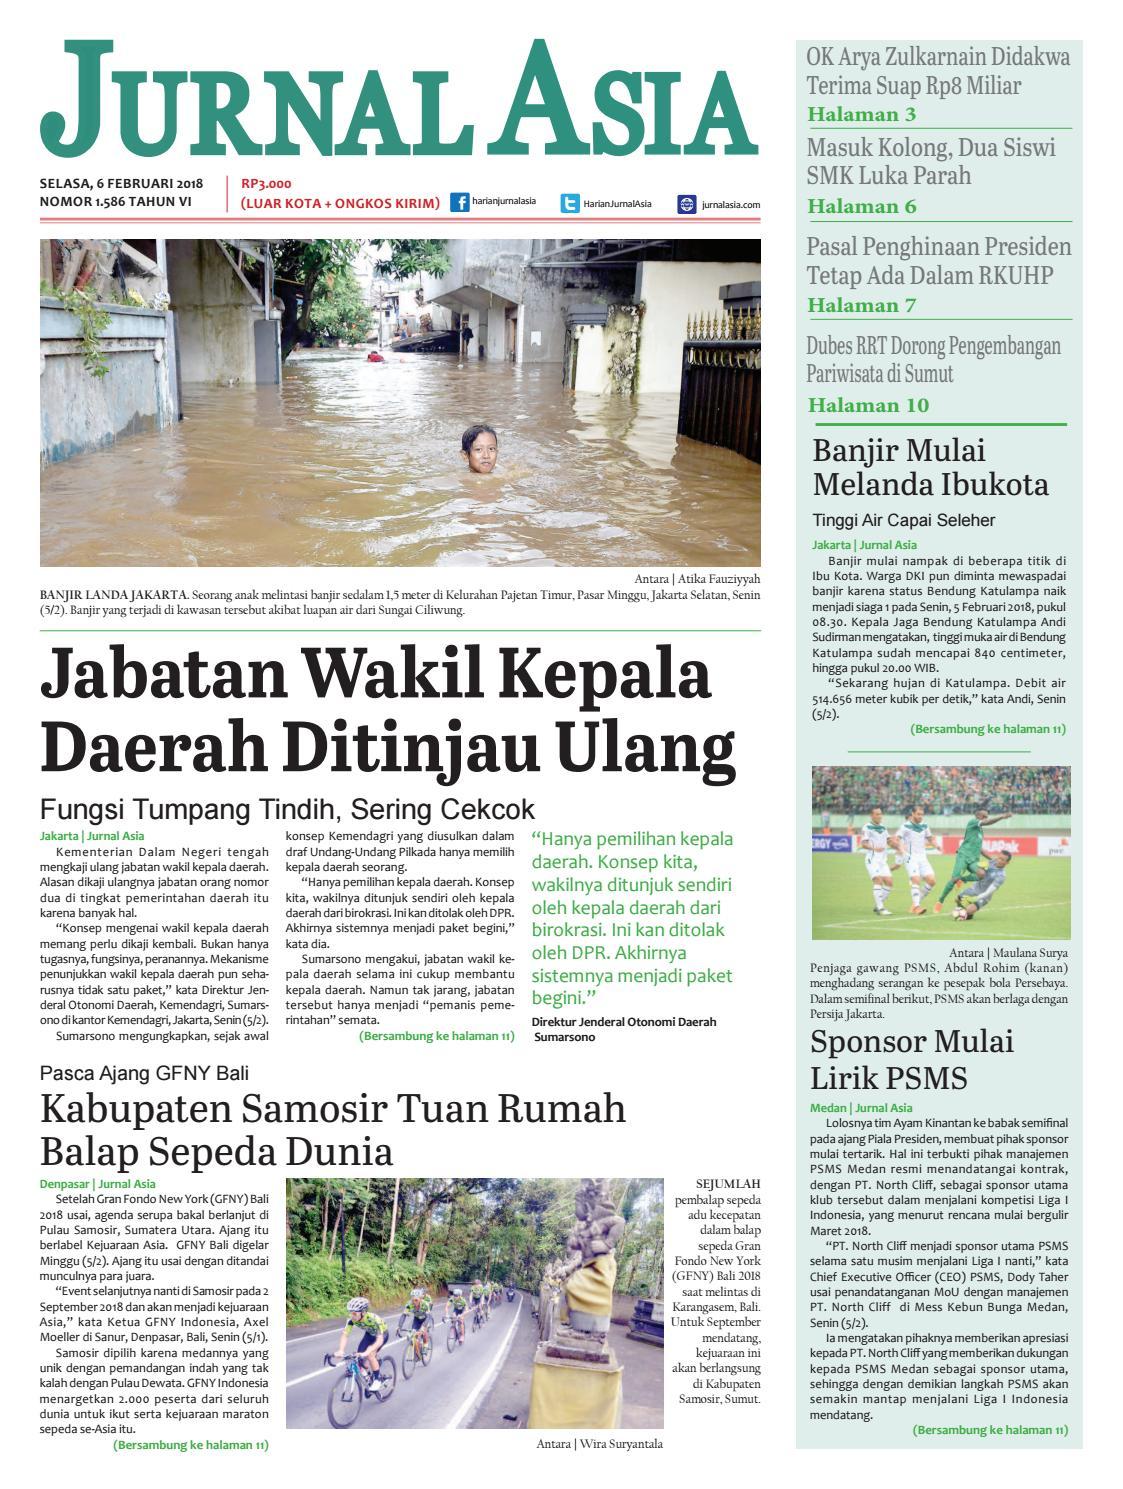 Harian Jurnal Asia Edisi Selasa 06 Februari 2018 By Harian Jurnal